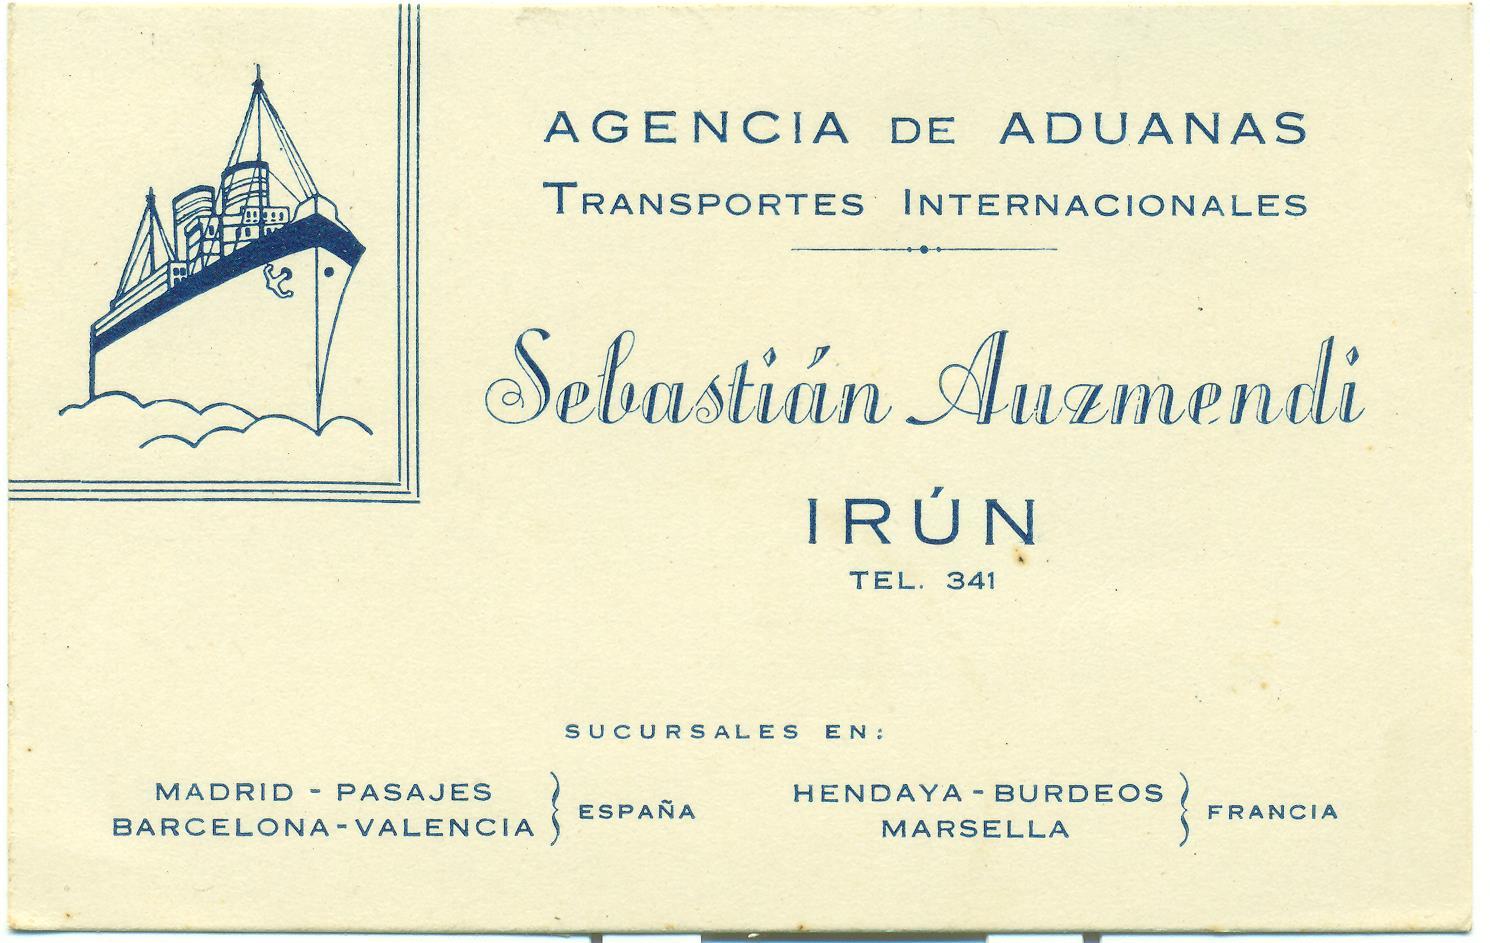 AGENCIA DE ADUANAS (TRANSPORTES INTERNACIONALES)